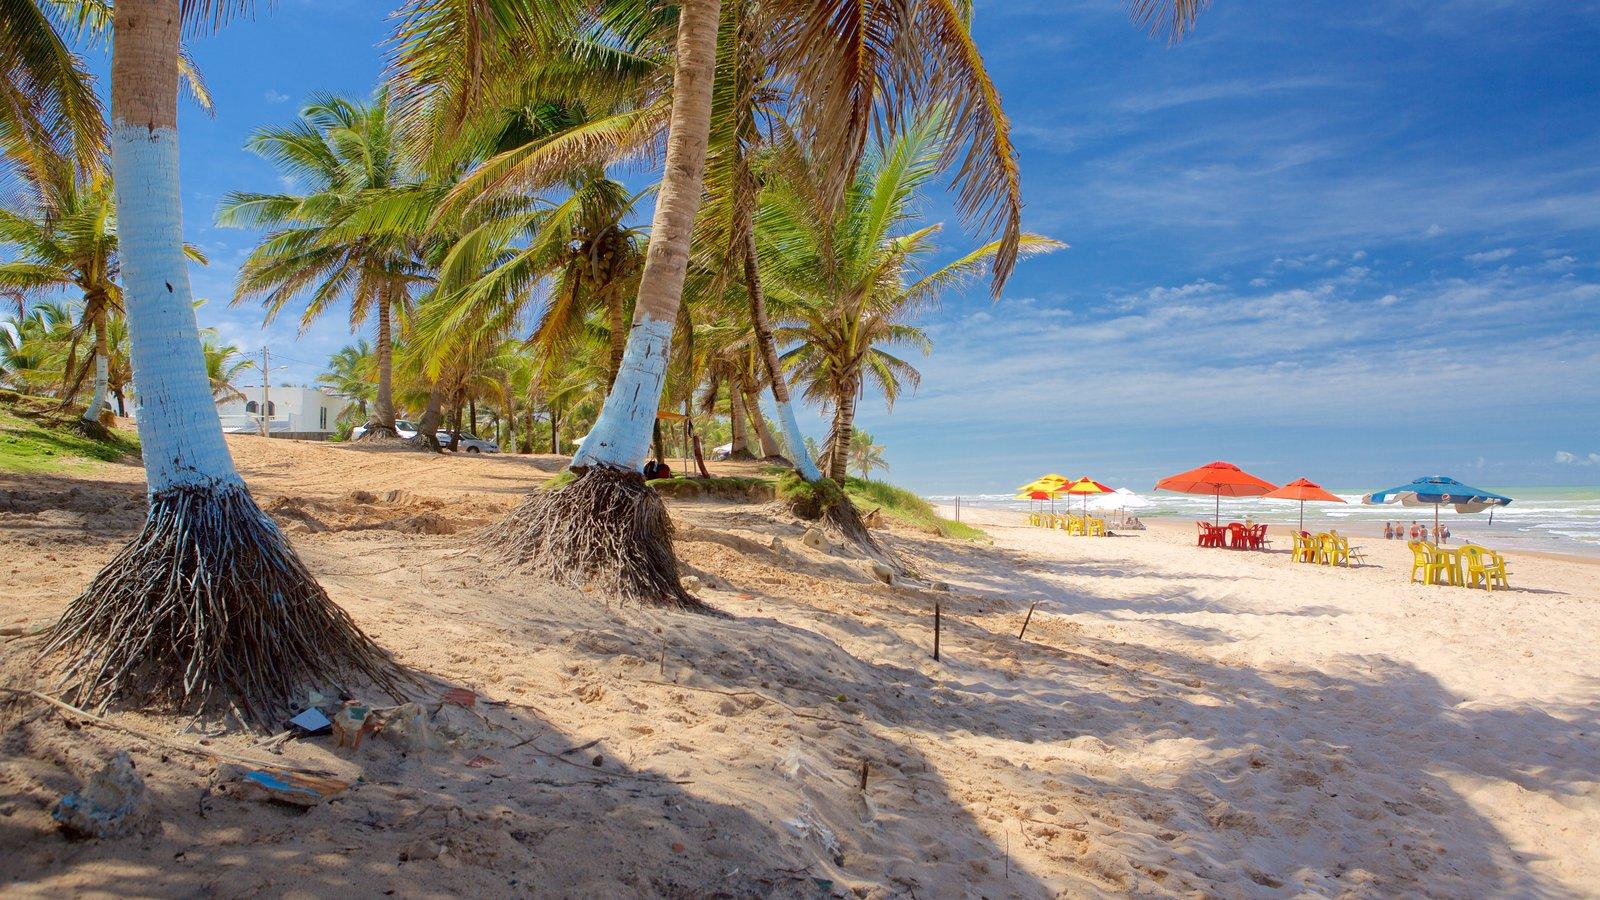 Flamengo Beach caracterizando paisagens litorâneas, cenas tropicais e uma praia de areia